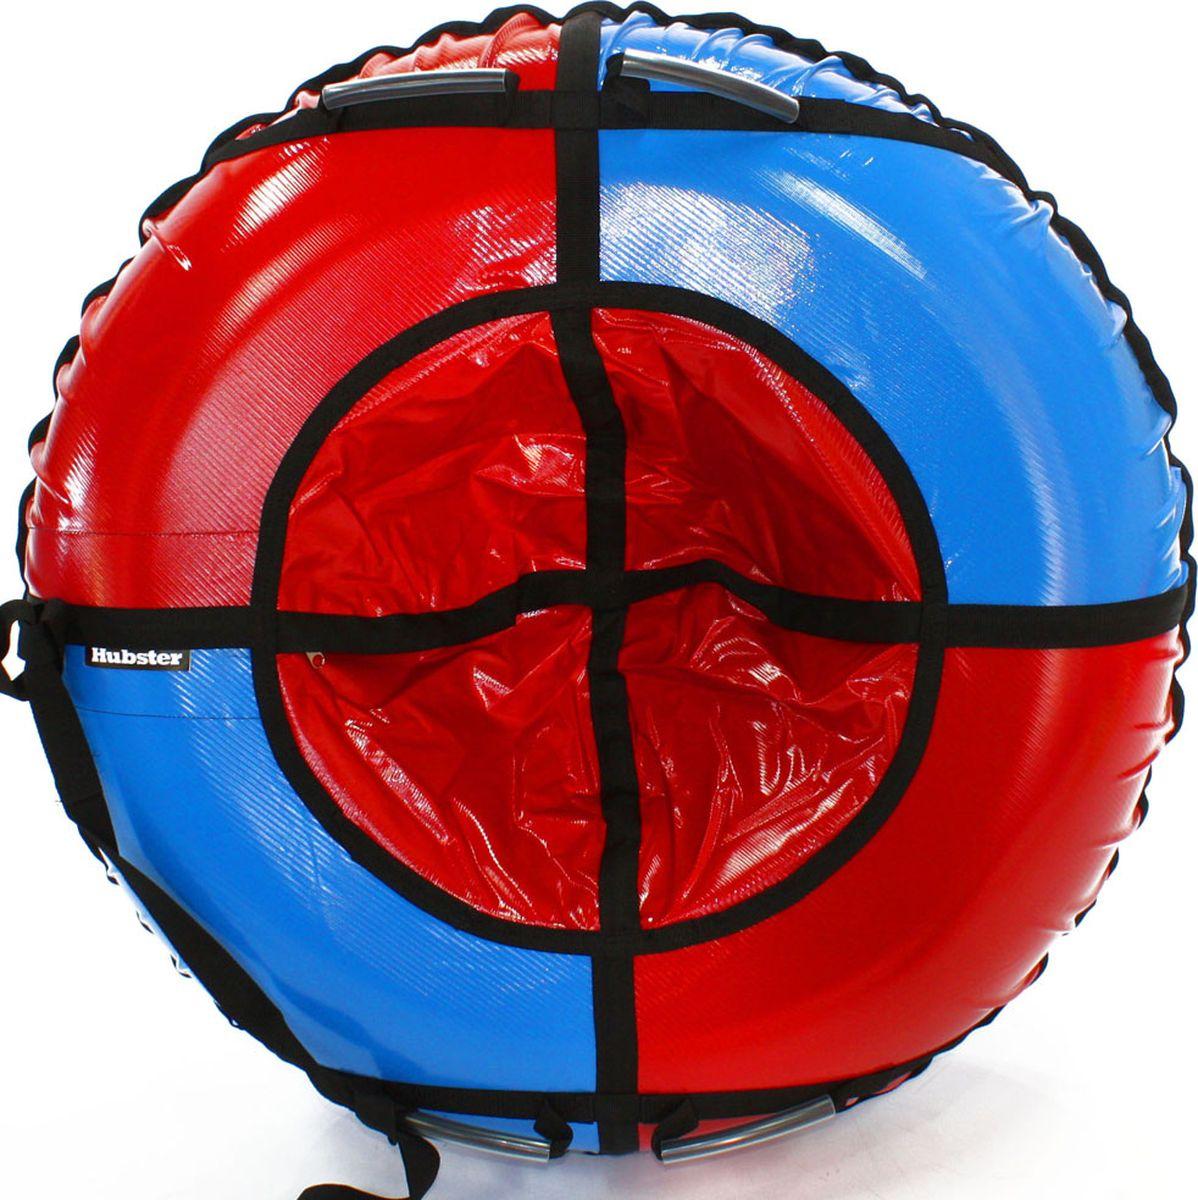 Тюбинг Hubster Sport Plus, цвет: красный, синий, диаметр 90 смво4188-3Любимая детская зимняя забава - это кататься с горки. А катание на тюбинге надолго запомнится вам и вашим близким. Свежий воздух, веселая компания, веселые развлечения - эти моменты вы будете вспоминать еще долгое время. Материал верха - ПВХ армированный, плотность 650 г/м .Материал дна - ПВХ (усиленная скользкая ткань), плотность 650 г/м.Диаметр в сдутом виде - 90 см.Диаметр в надутом виде - 79 см.Ручки усиленные (нашиты на дополнительную стропу).Кол-во ручек - 90 см - 2 шт. Молния скрытая, на сиденье.Крепление троса - наружная петля.Длина троса - 1 метр.Нагрузка - 90 см - до 80 кг.Комплект поставки - ватрушка, трос, камера.Тюбинг не предназначен для буксировки механическими или транспортными средствами (подъемники, канатные дороги, лебедки, автомобиль, снегоход, квадроцикл и т.д.)